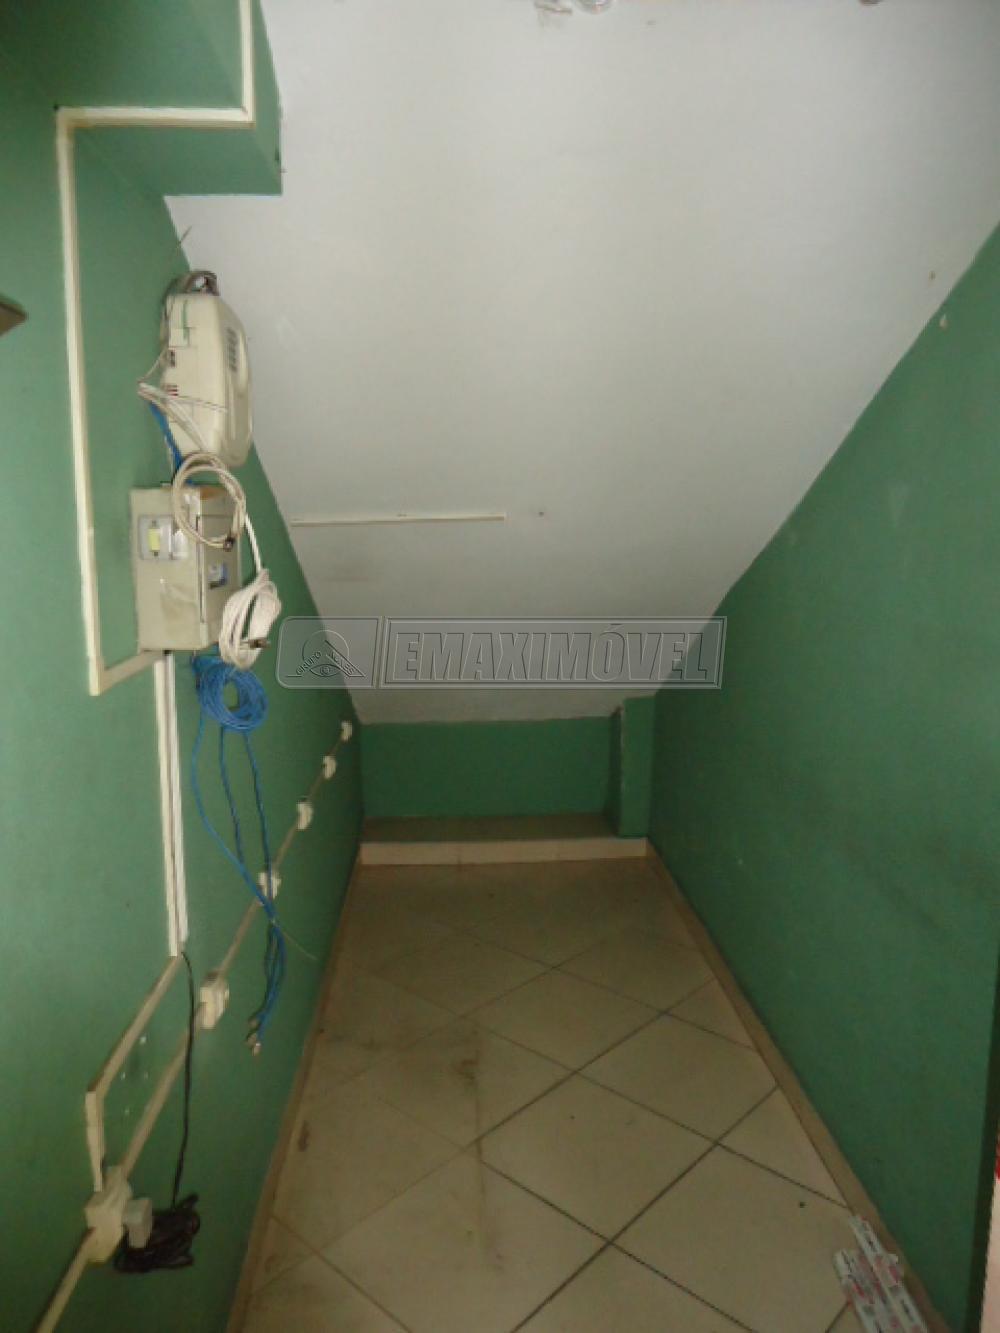 Alugar Casas / Comerciais em Sorocaba apenas R$ 1.700,00 - Foto 6